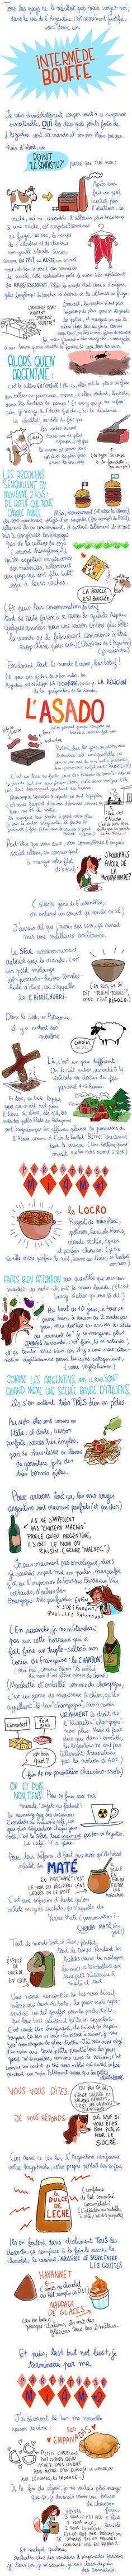 """""""Infographie"""" de la nourriture en Argentine. Très bien fait! via http://penelope-jolicoeur.typepad.fr/"""